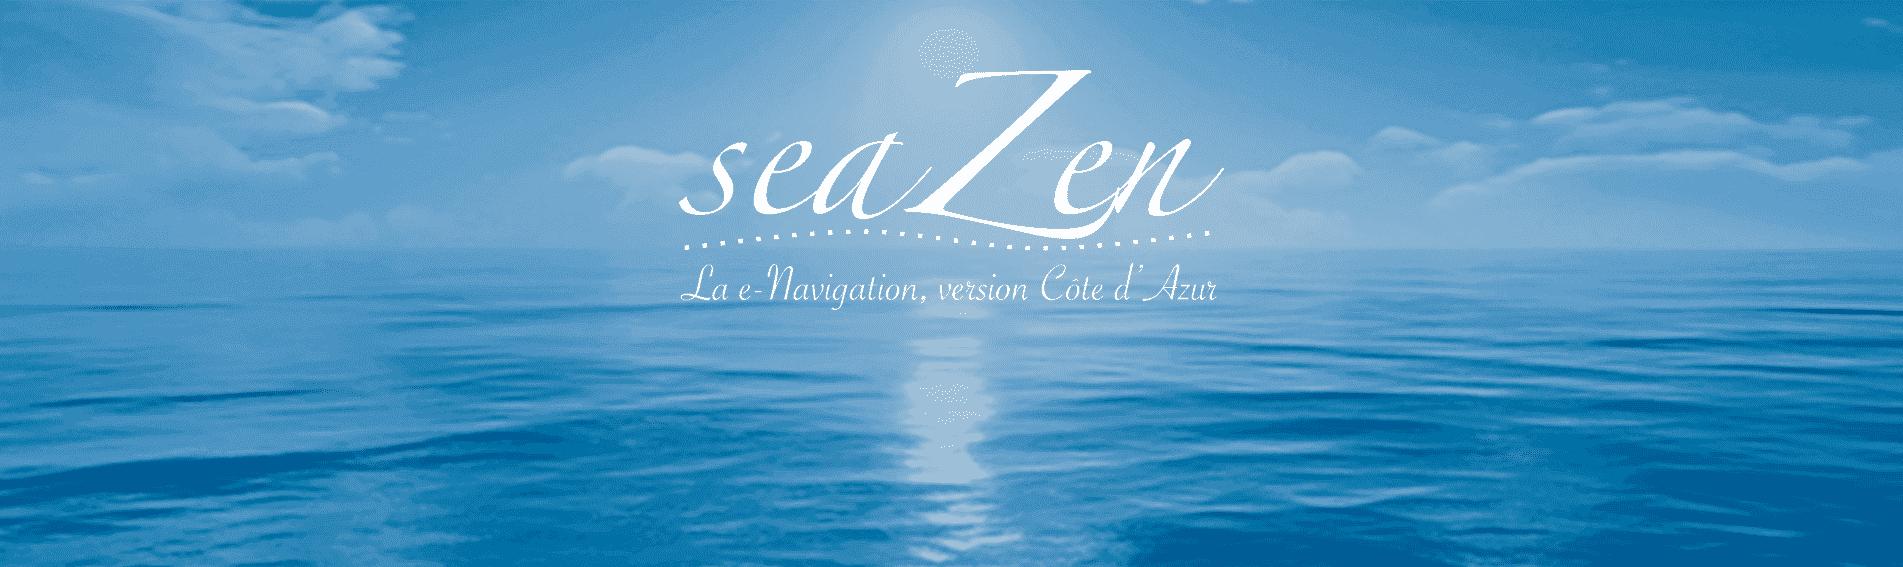 Acheter un bateau solaire robuste et viable pour naviguer en mer